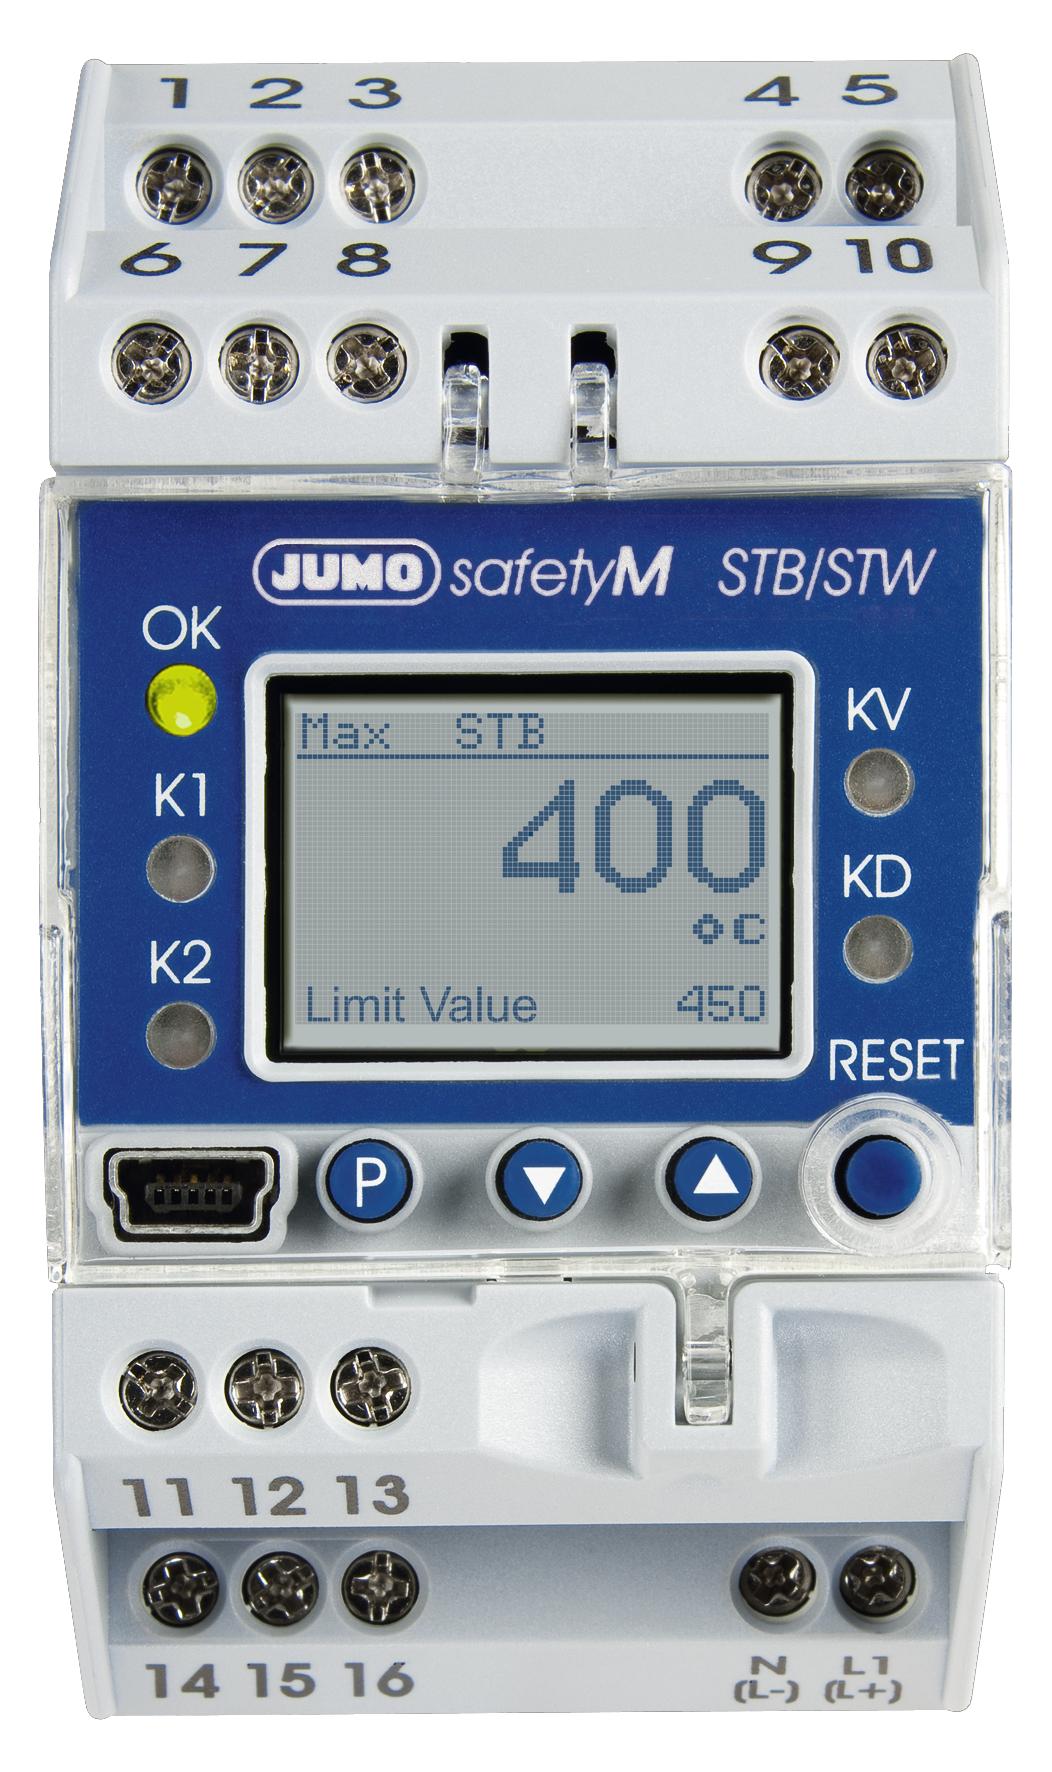 JUMO safetyM STB/STW